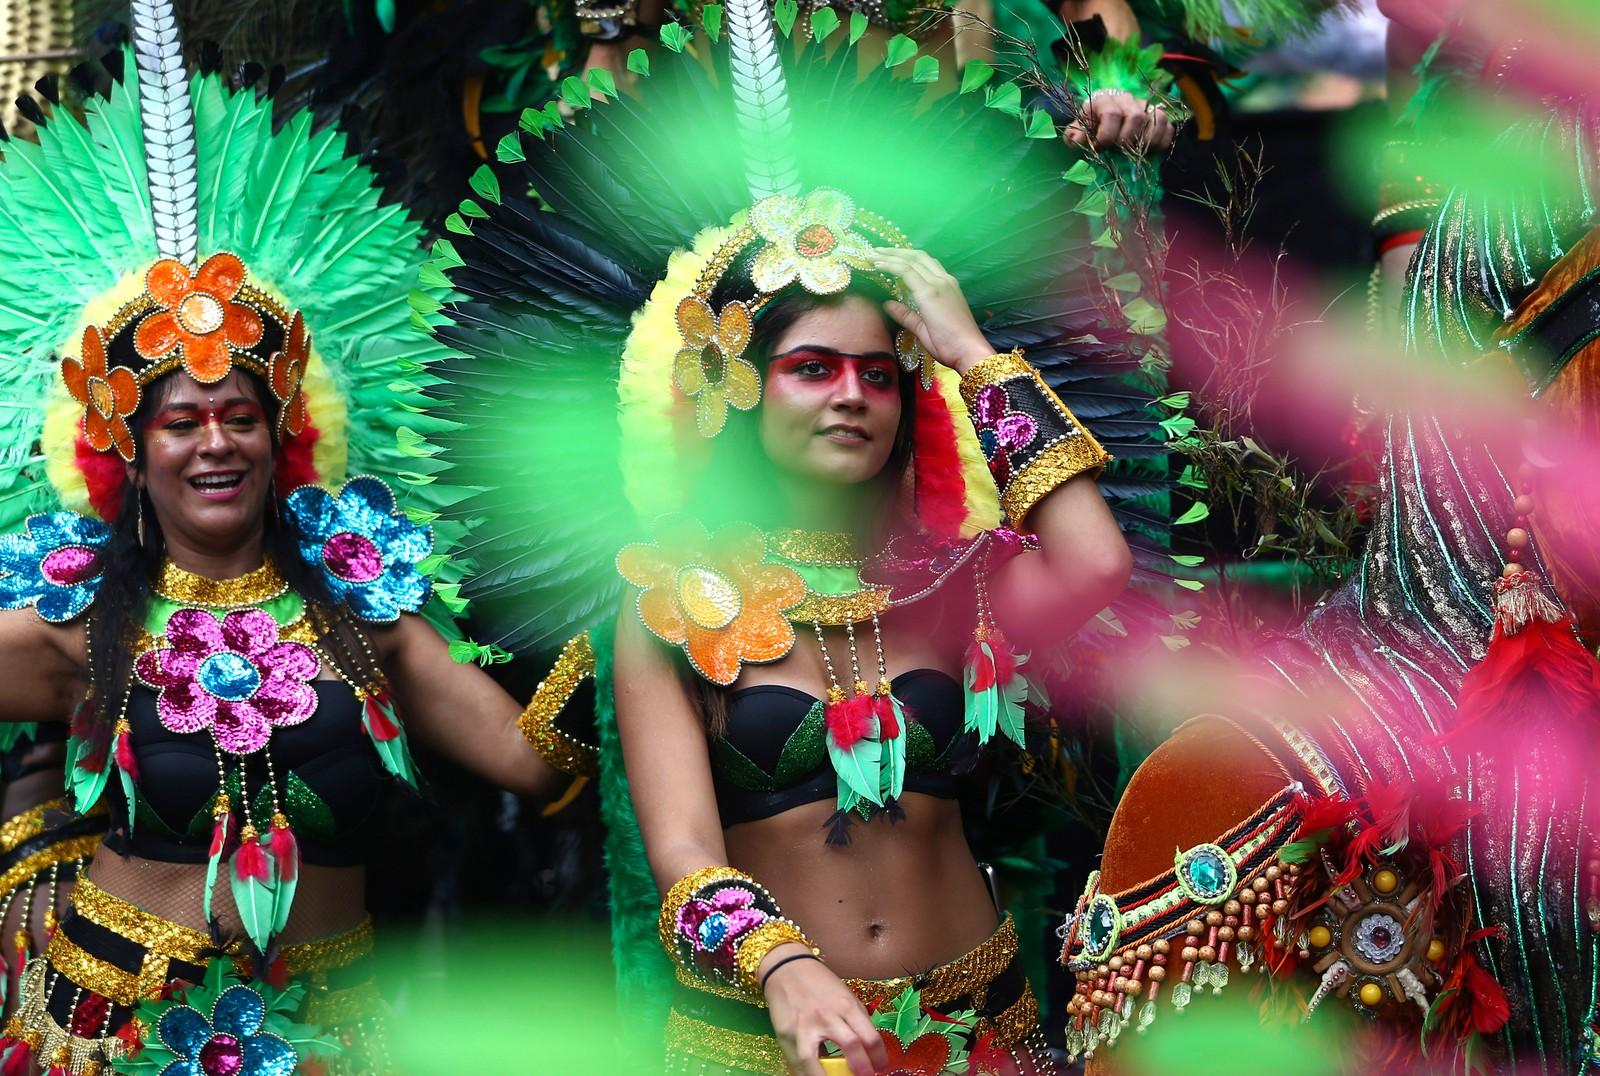 Glade mennesker og vakre farger under det årlige Notting Hill-karnevalet i London i England den 29. august. Det er omtrent én million mennesker som deltar, noe som gjør det til en av de største gatefestivalene i verden.